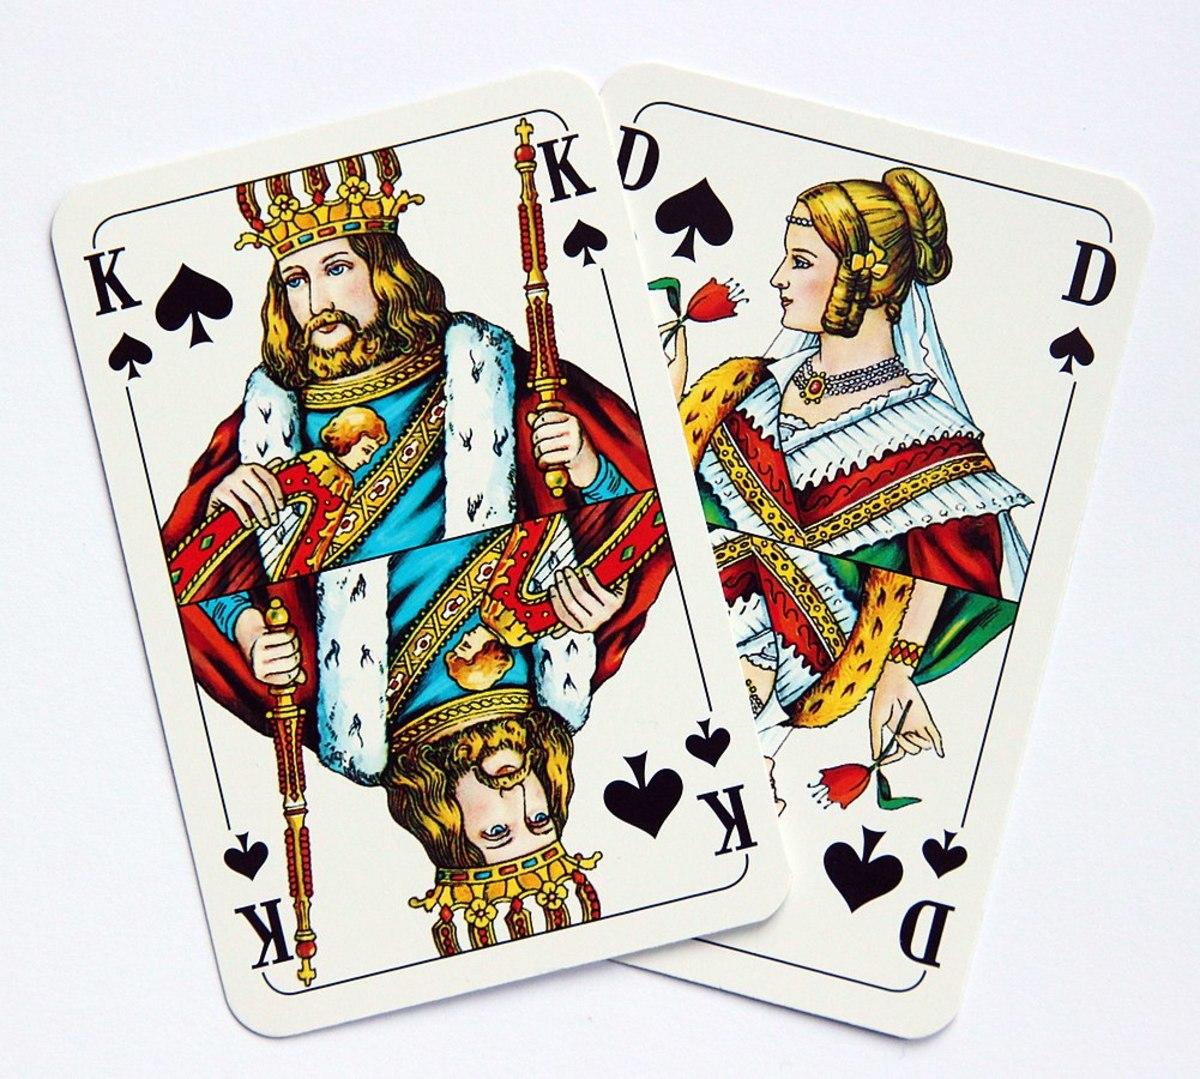 Royal Nicknames